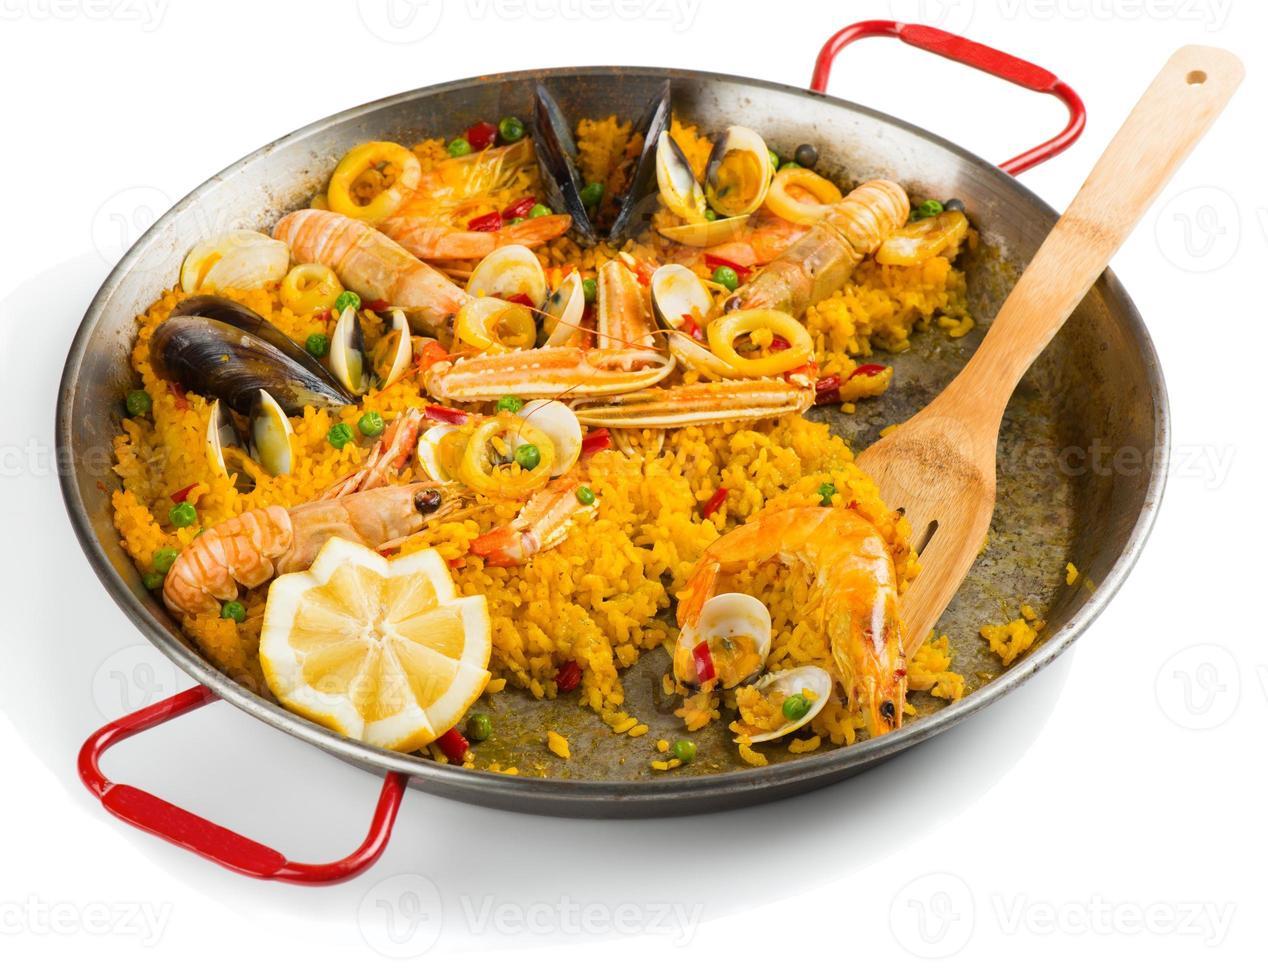 Paella, halb gegessen foto